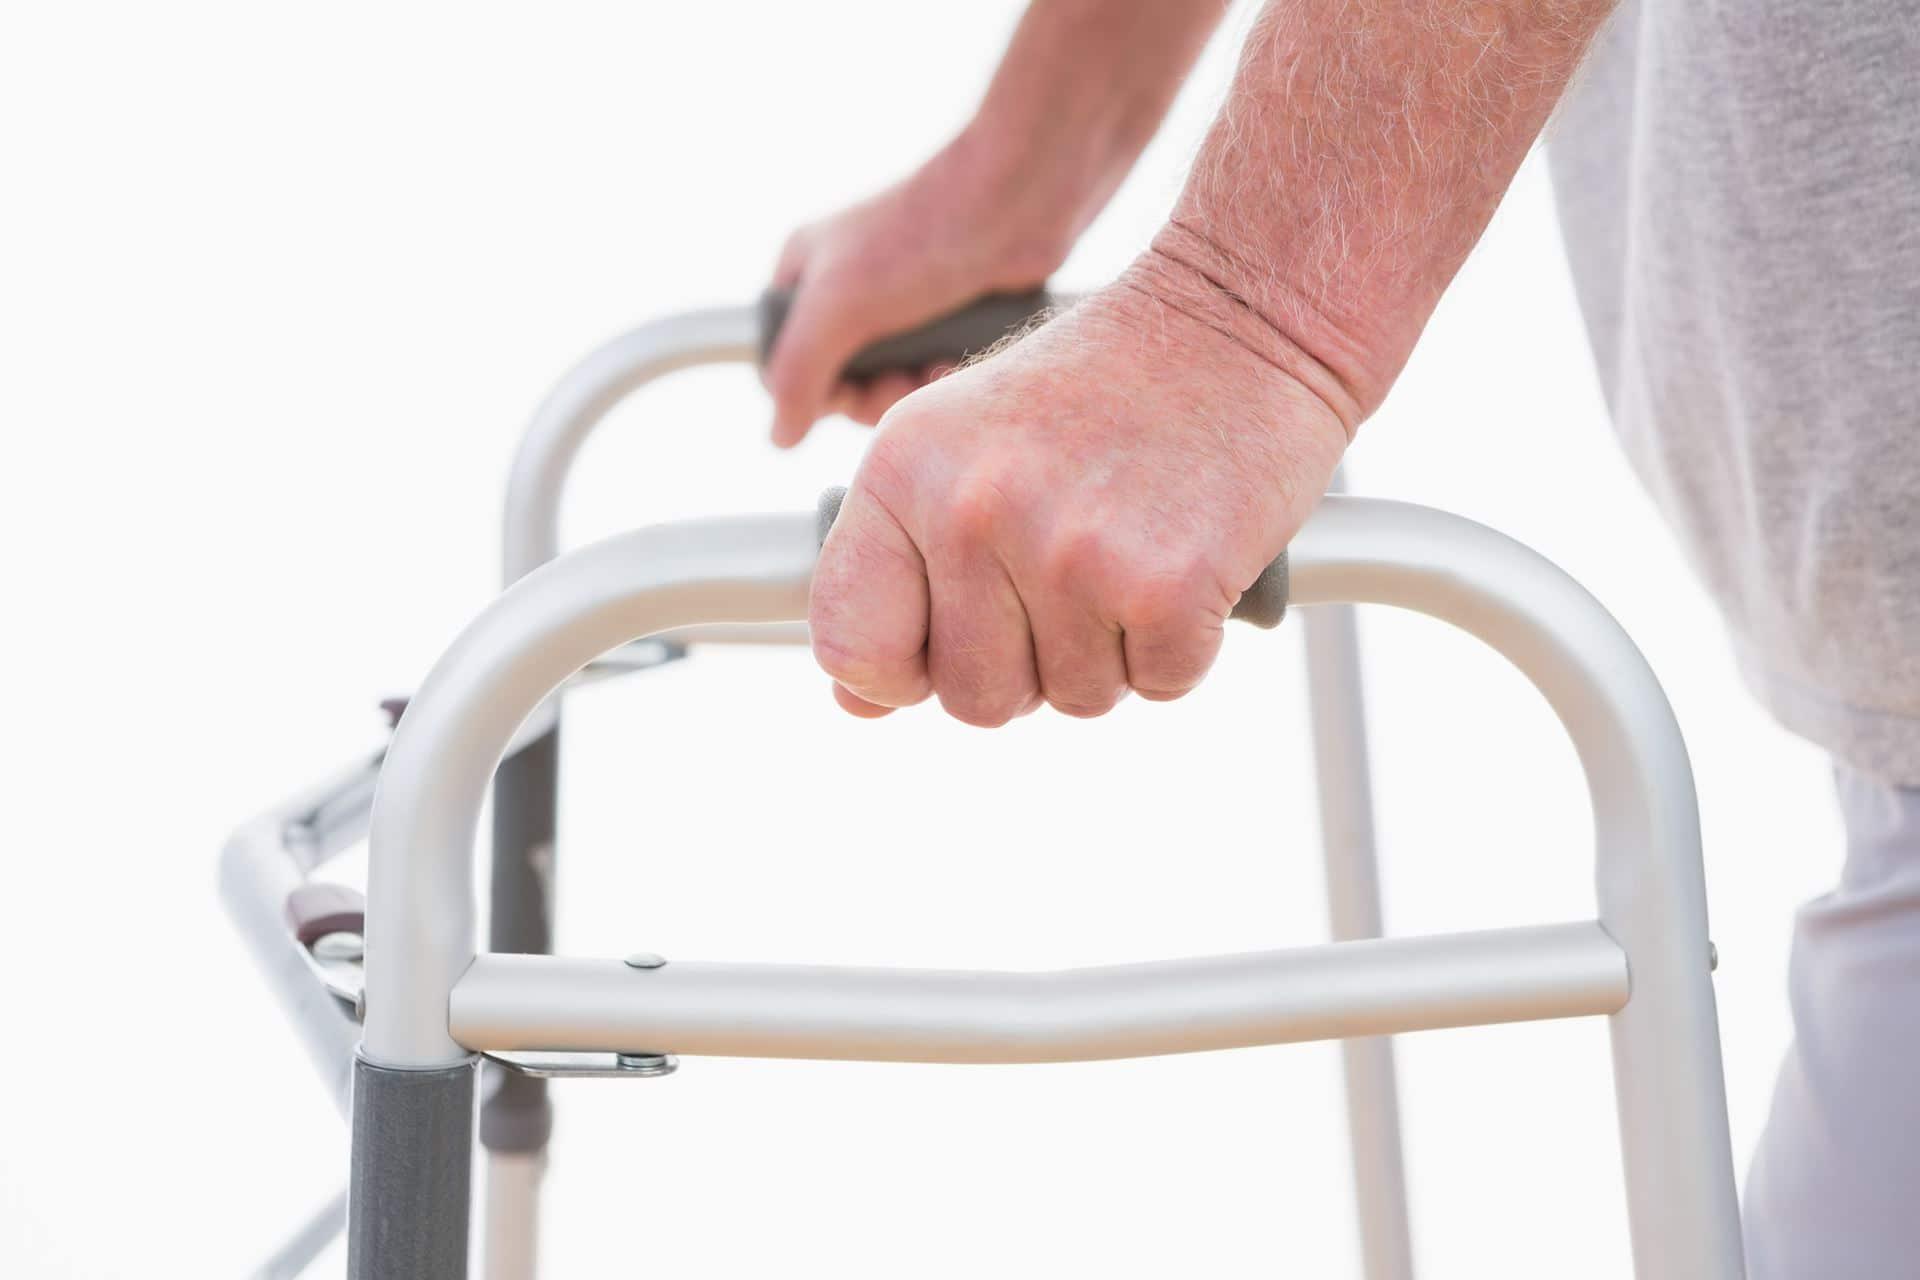 פיזיותרפיה פרטי ברעננה - Restart Therapy פיזיותרפיה שיקומית